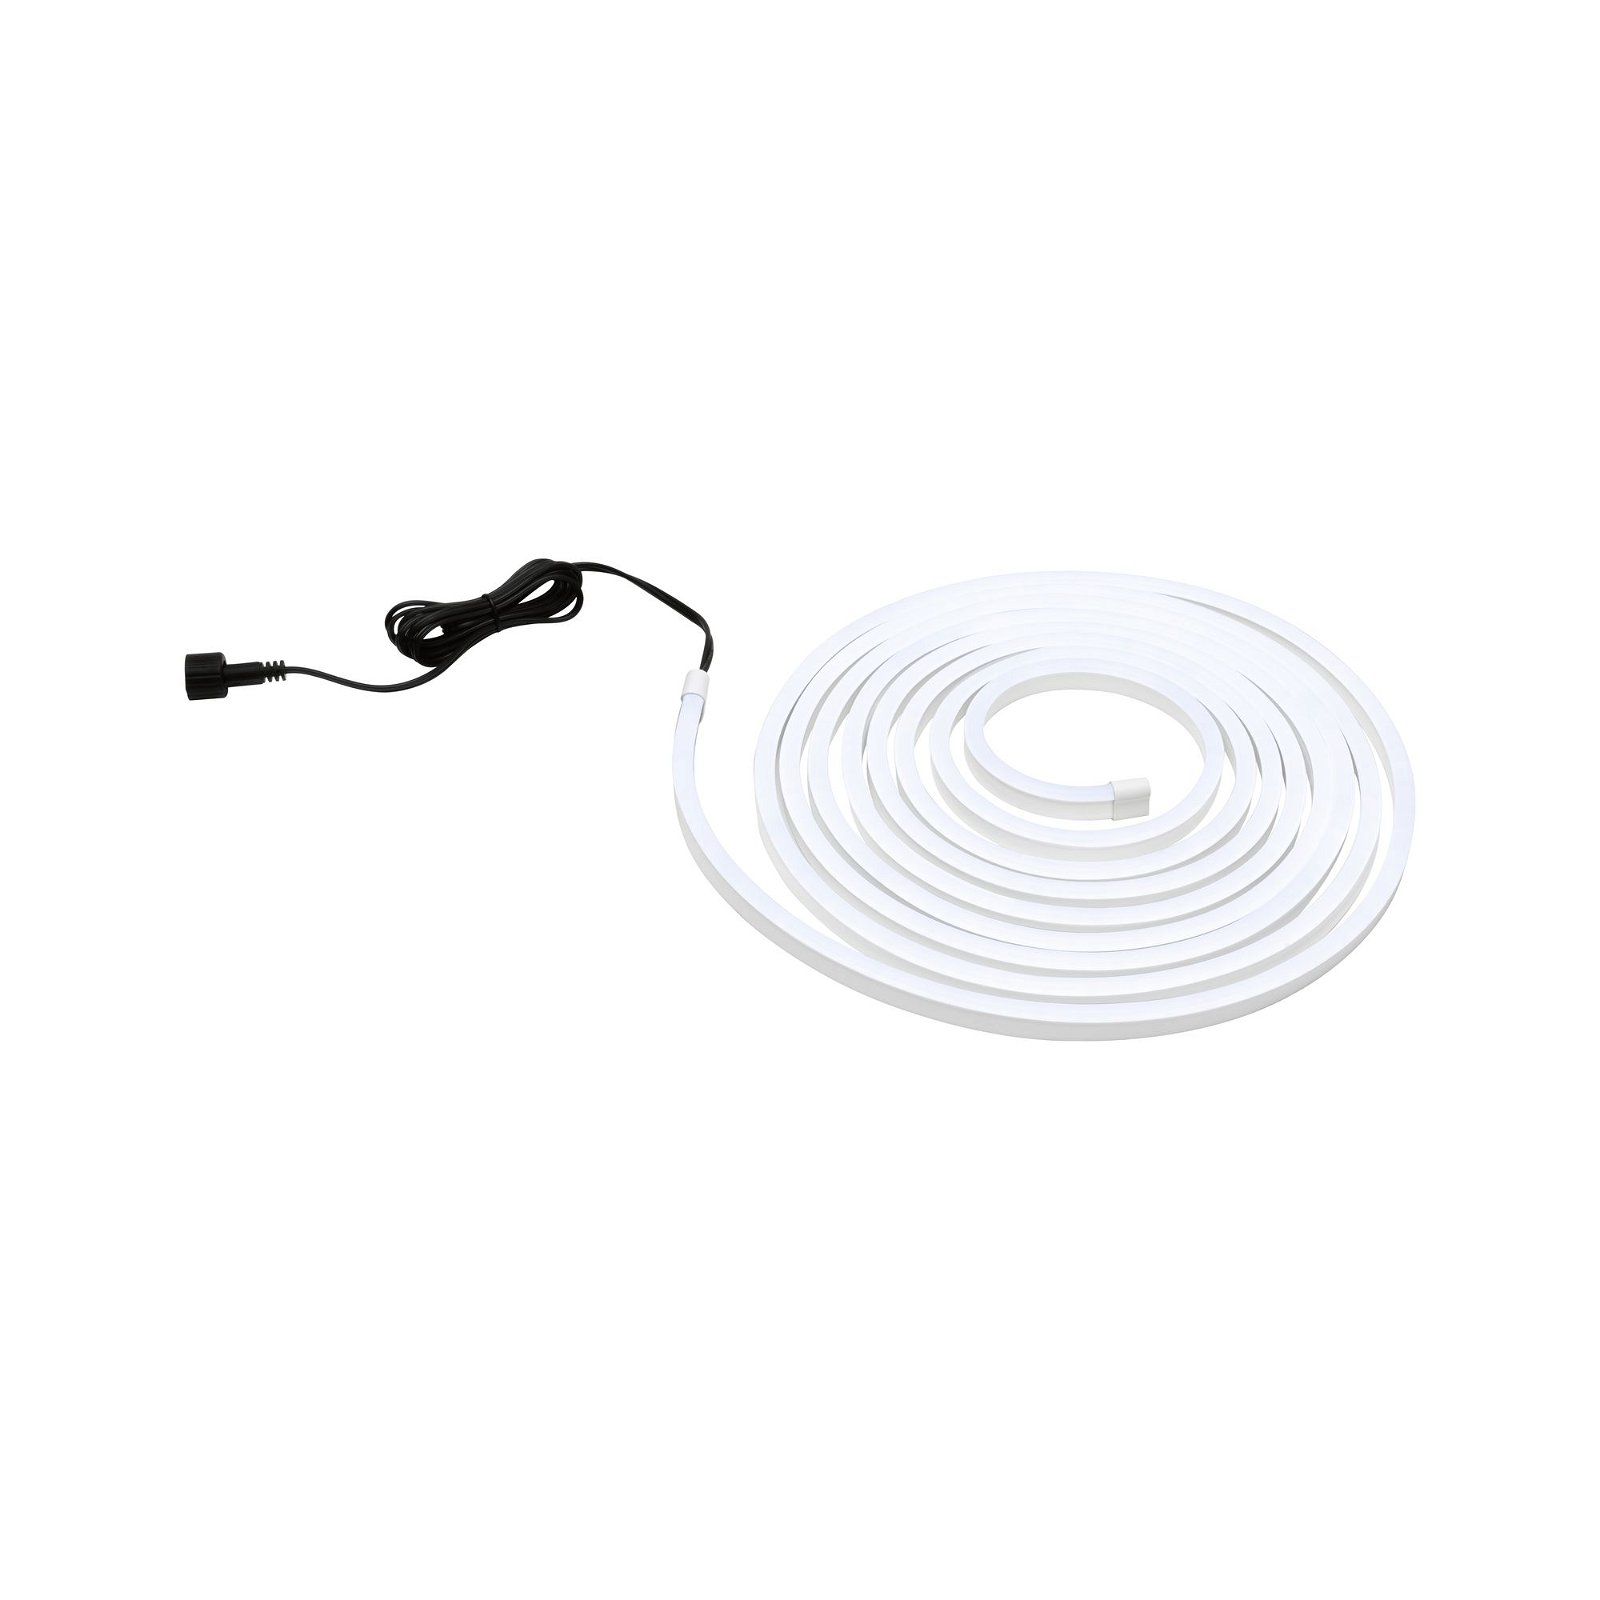 SimpLED LED Strip Outdoor Basisset 5m IP65 20W 2100lm 6500K 24VA